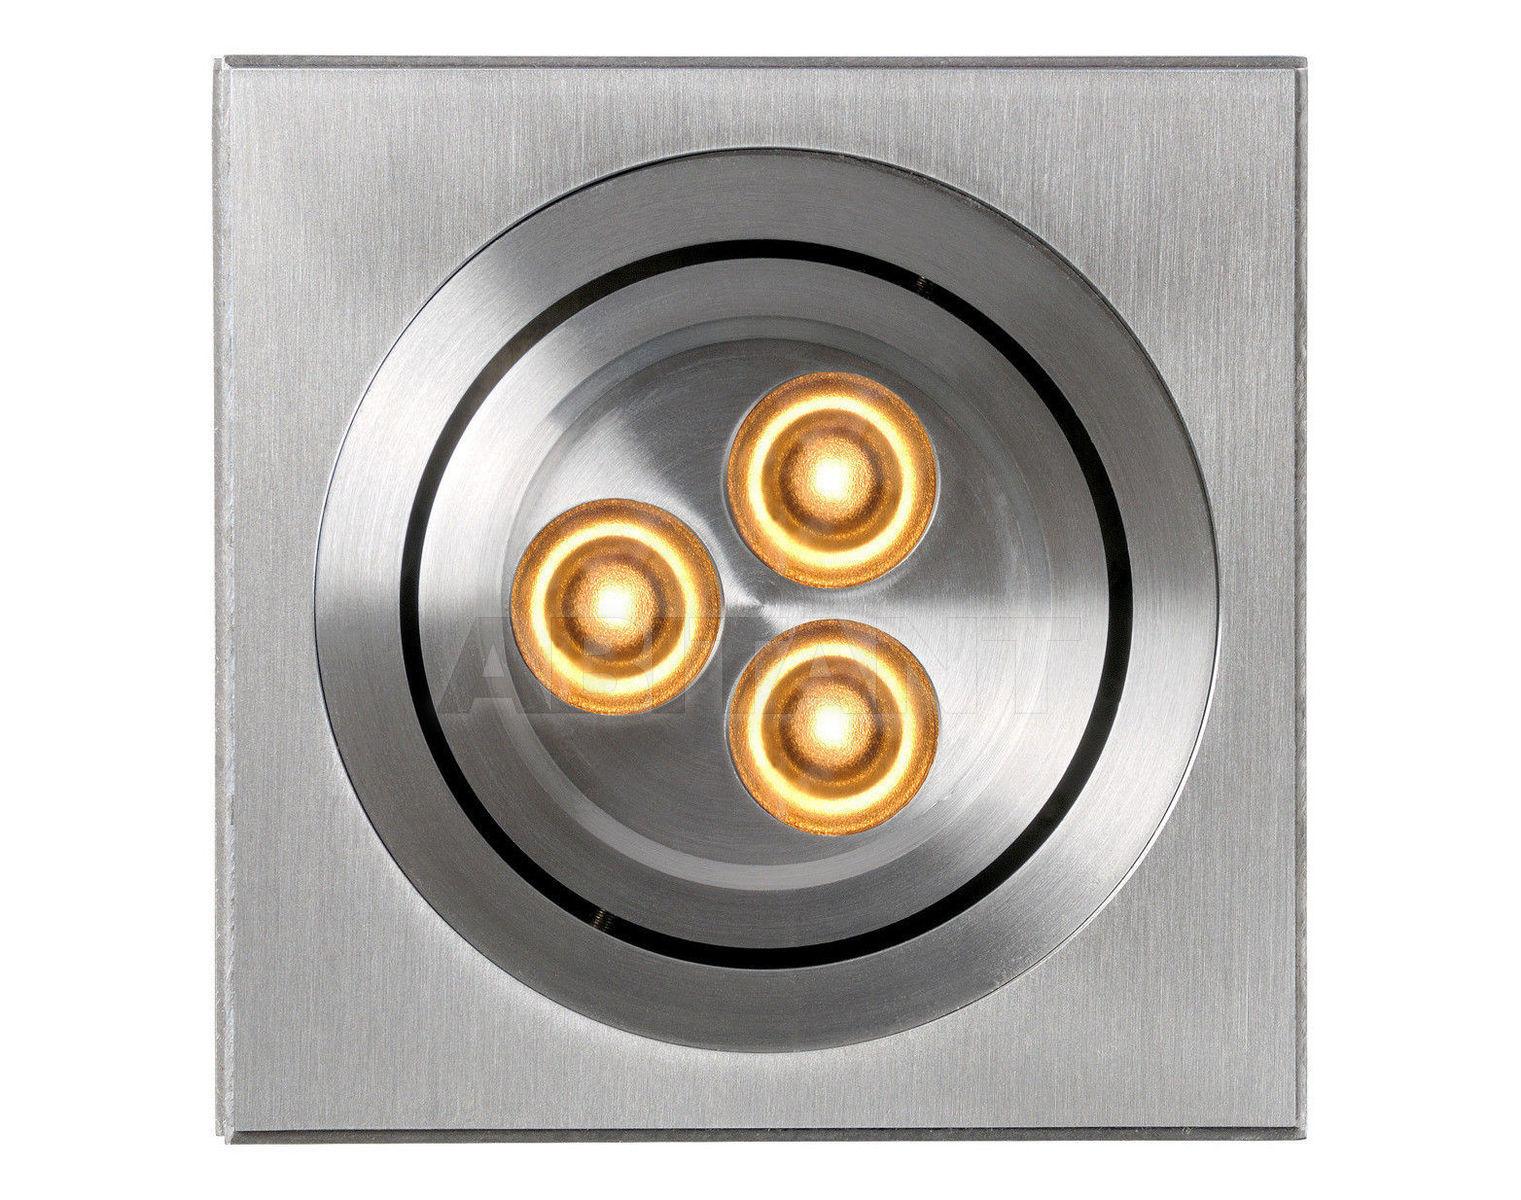 Купить Встраиваемый светильник Lucide  Technical 10955/21/12